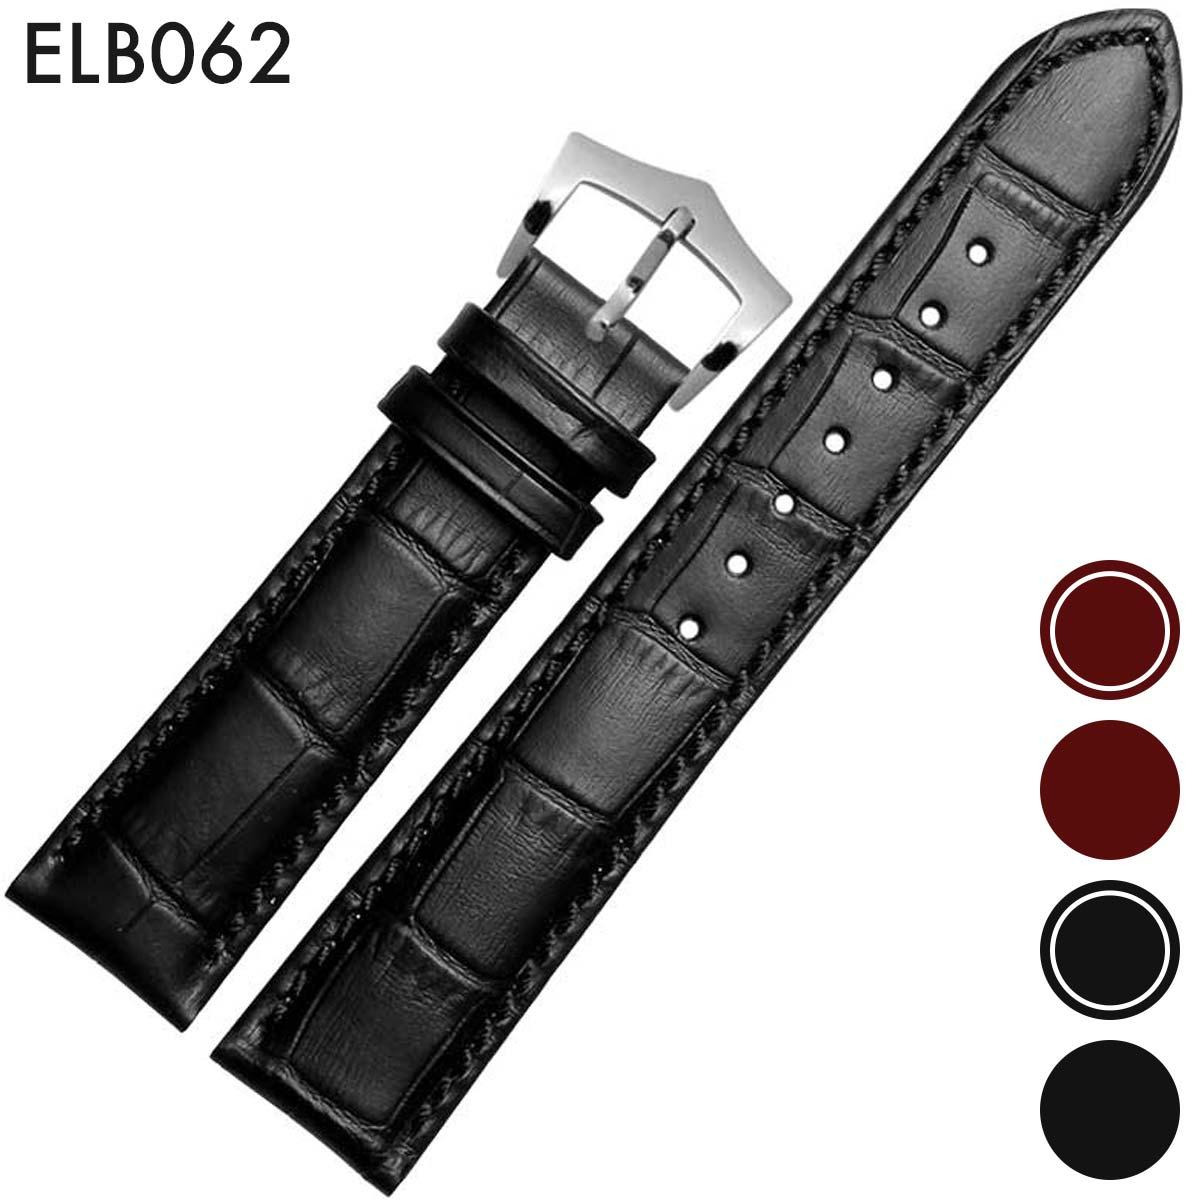 腕時計用アクセサリー, 腕時計用ベルト・バンド  18mm19mm20mm21mm : Patek Philippe () Eight - ELB062